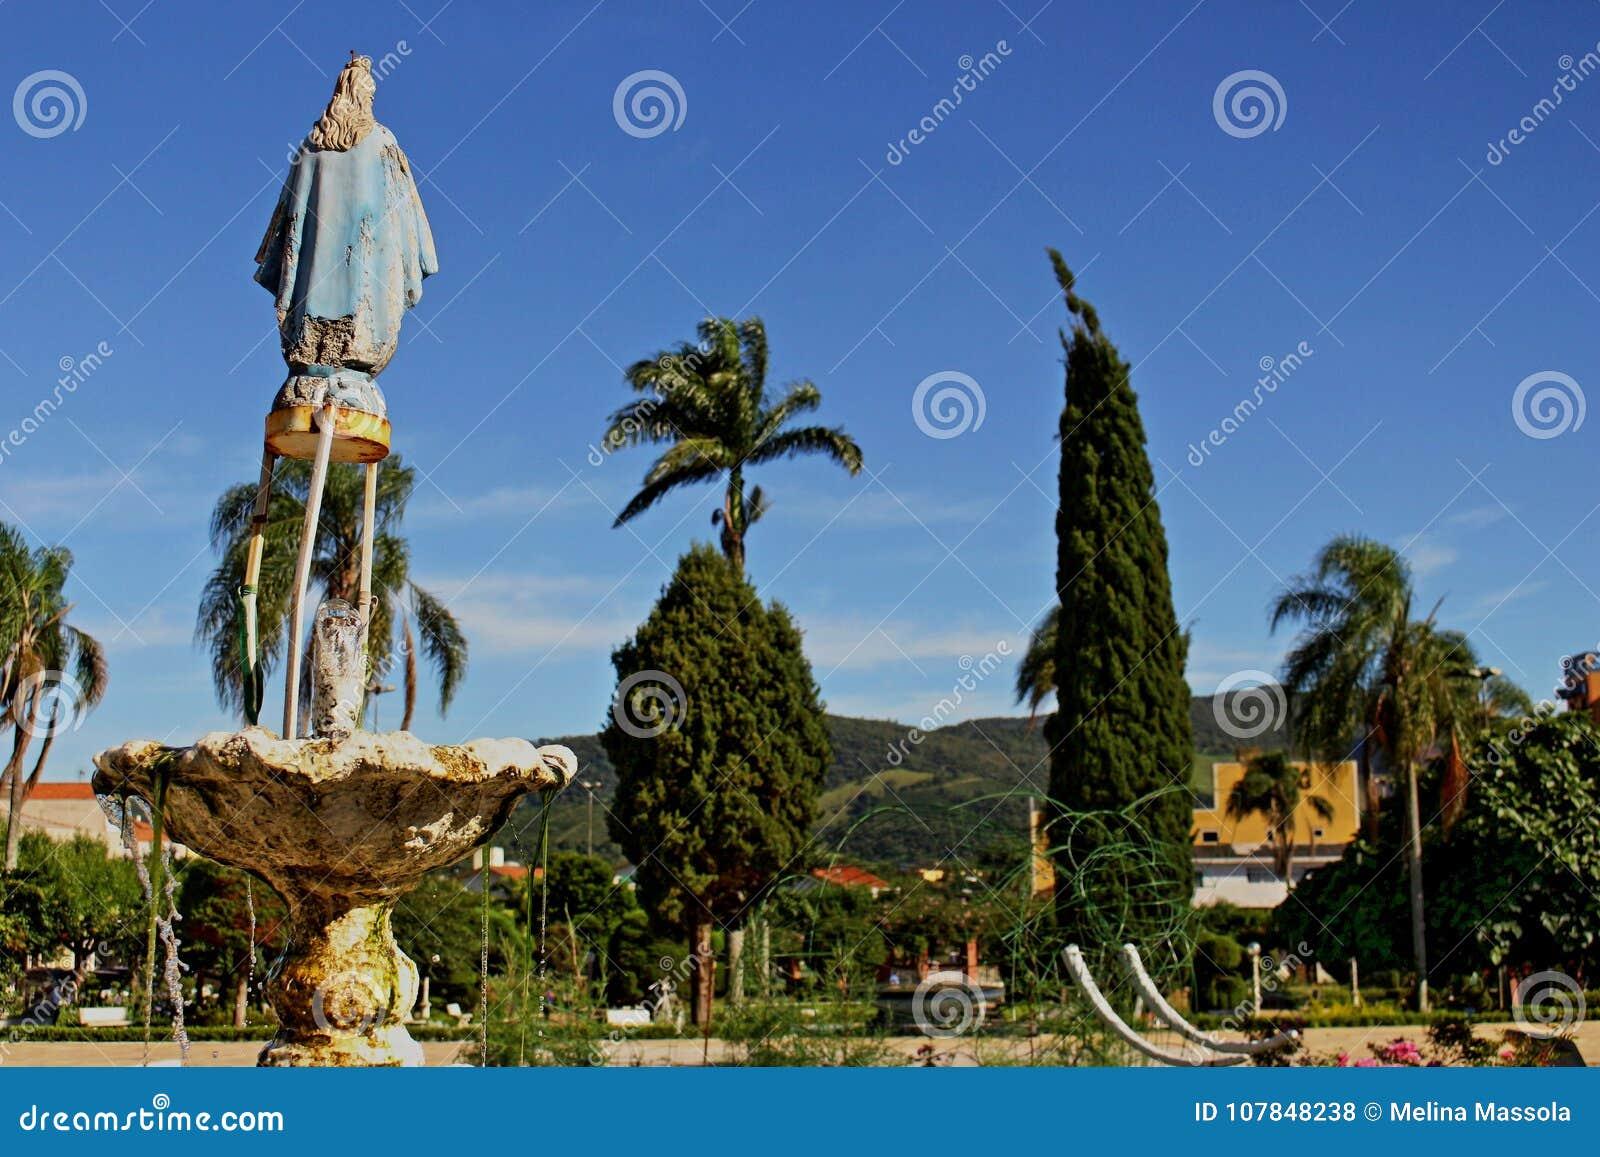 Kvadrera på den lilla staden i Brasilien, Monte Siao-MG